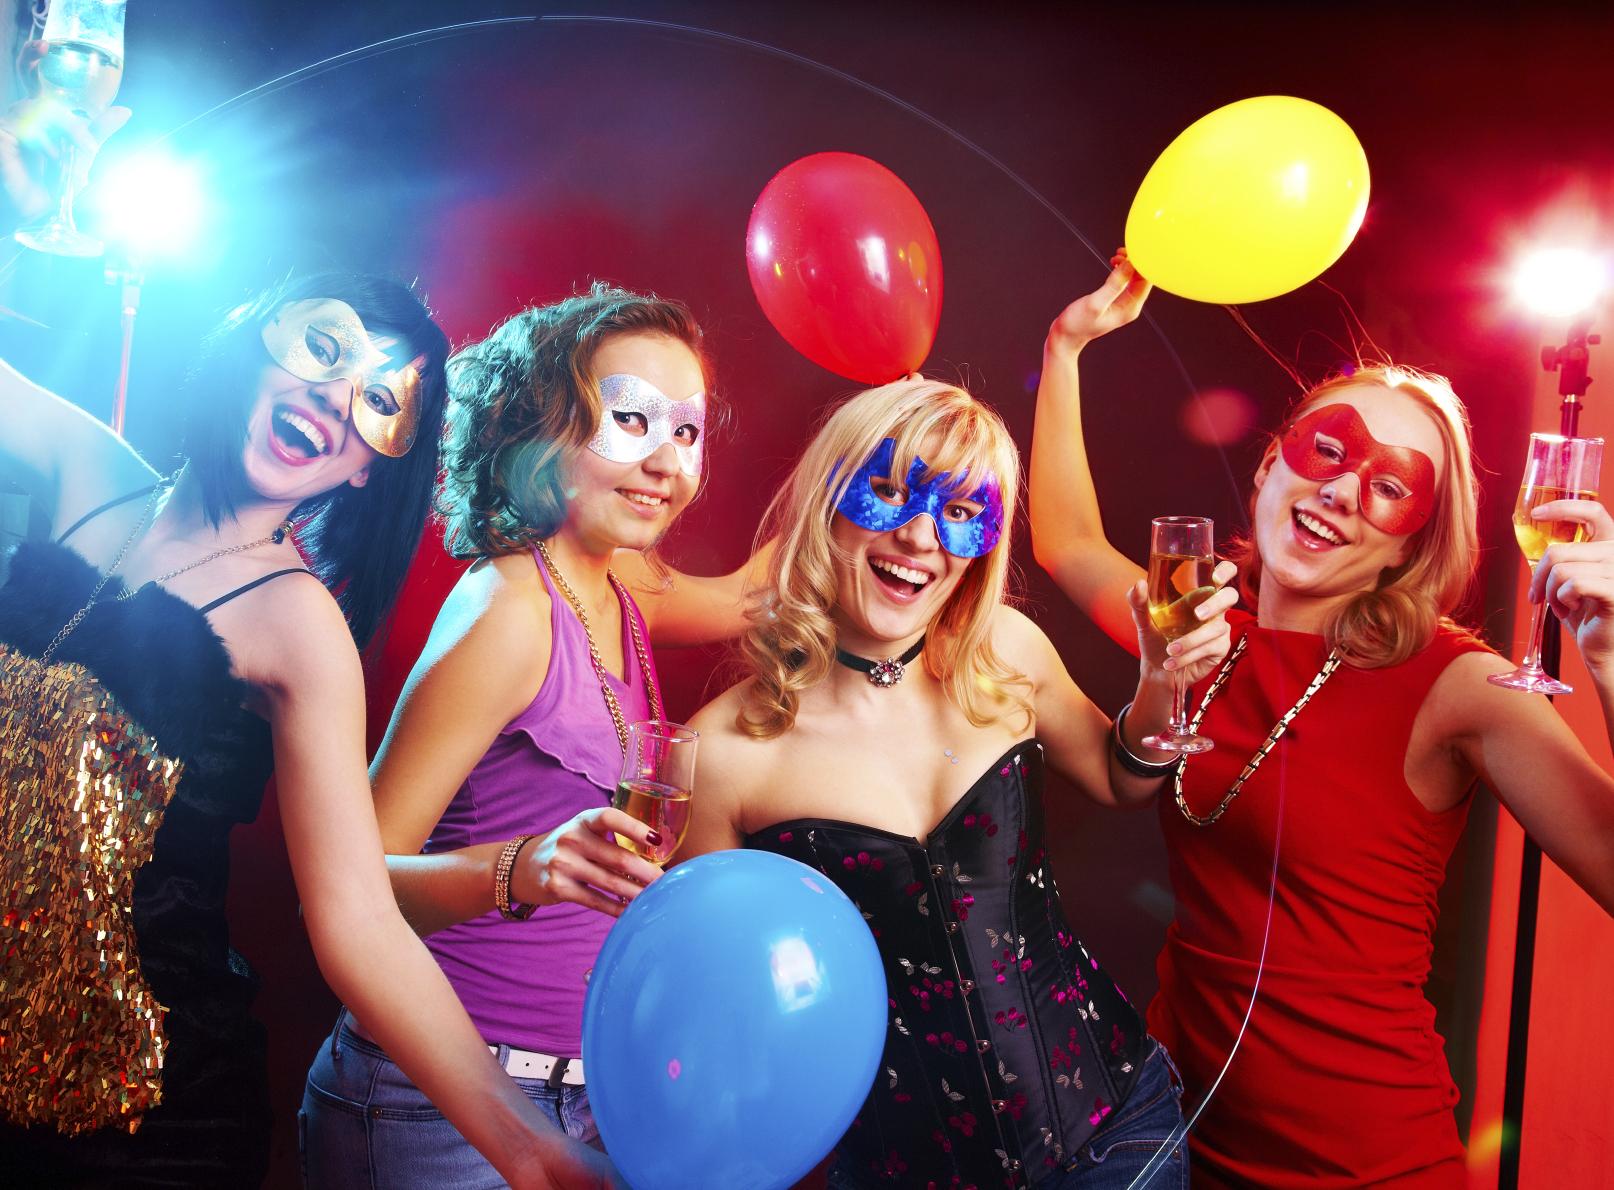 Karnevalskostüme - Top vier Ideen für die fünfte Jahreszeit